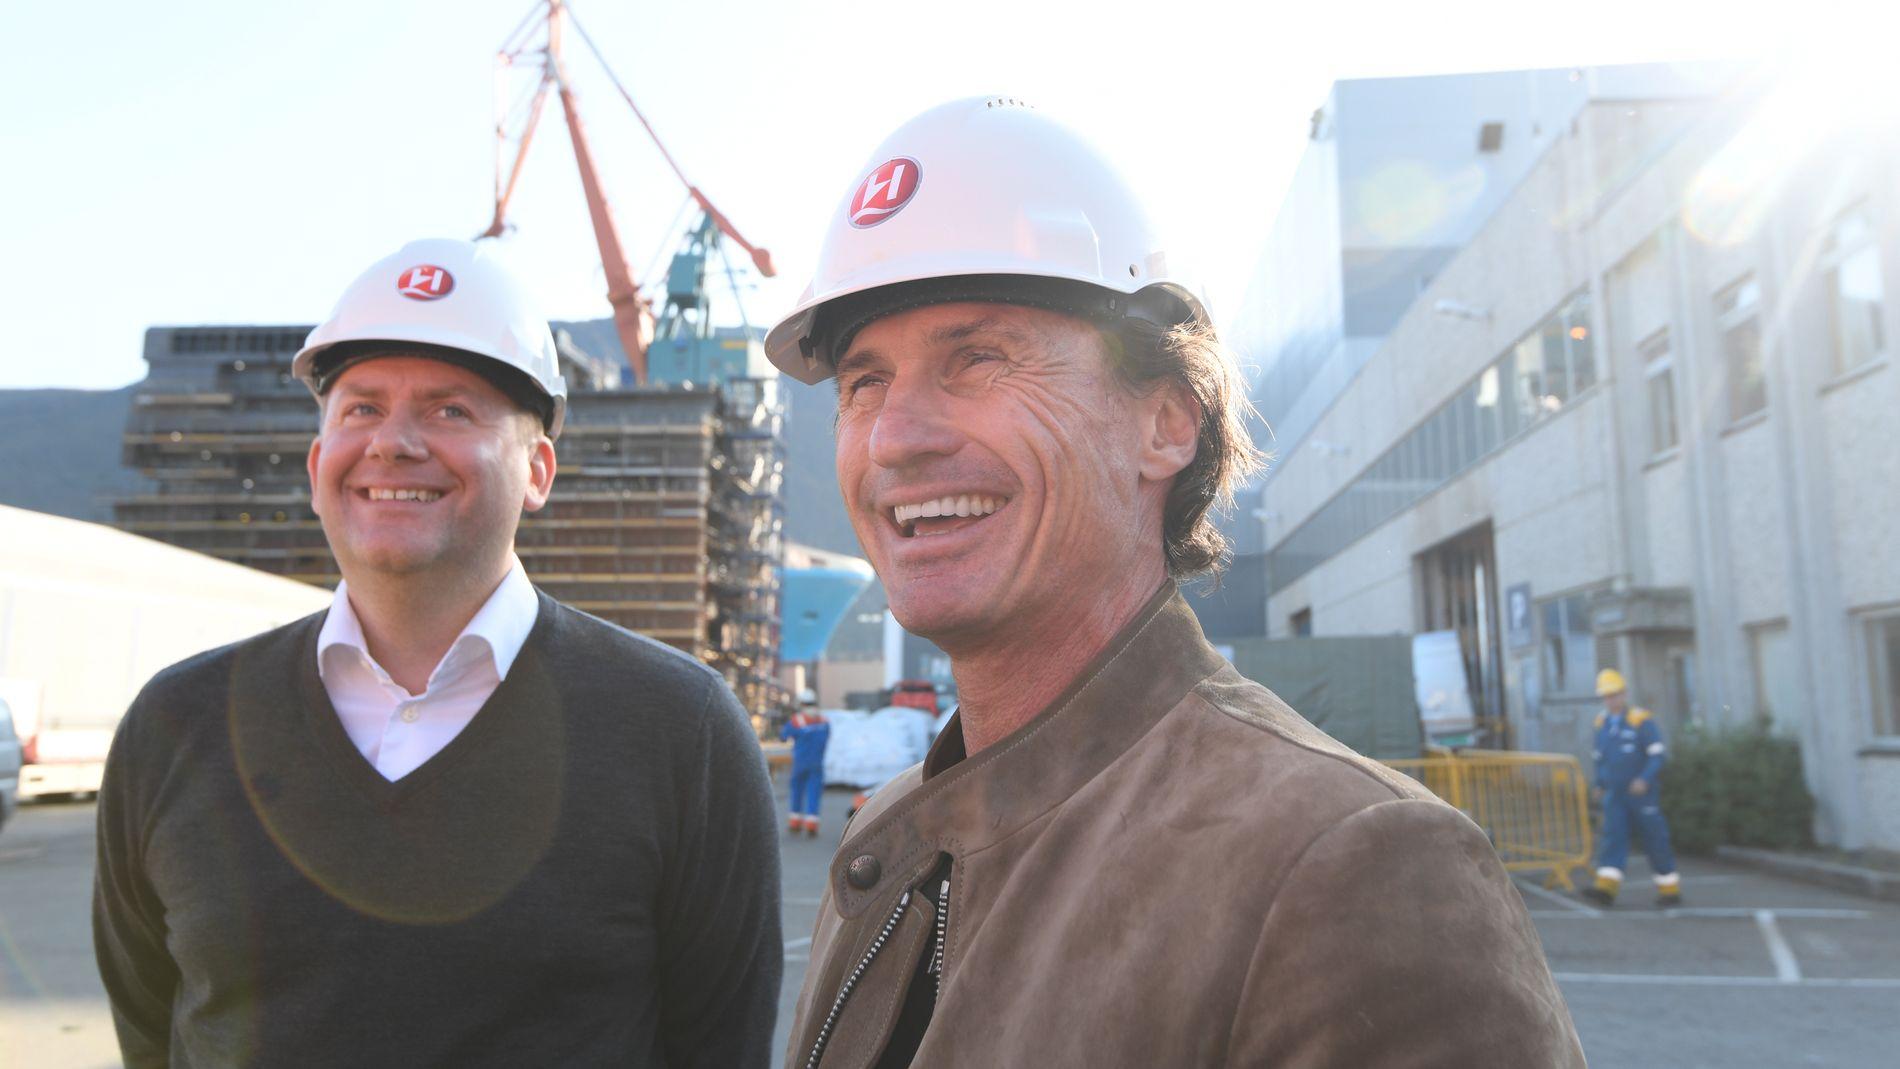 TURBO-PETTER: Stordalen eier 12 prosent av Hurtigruten, og har også, sammen med investeringsfondet TDR Capital, gått inn med 300 millioner kroner i Kleven verft. Til venstre Hurtigruten-sjef Daniel Skjeldam.